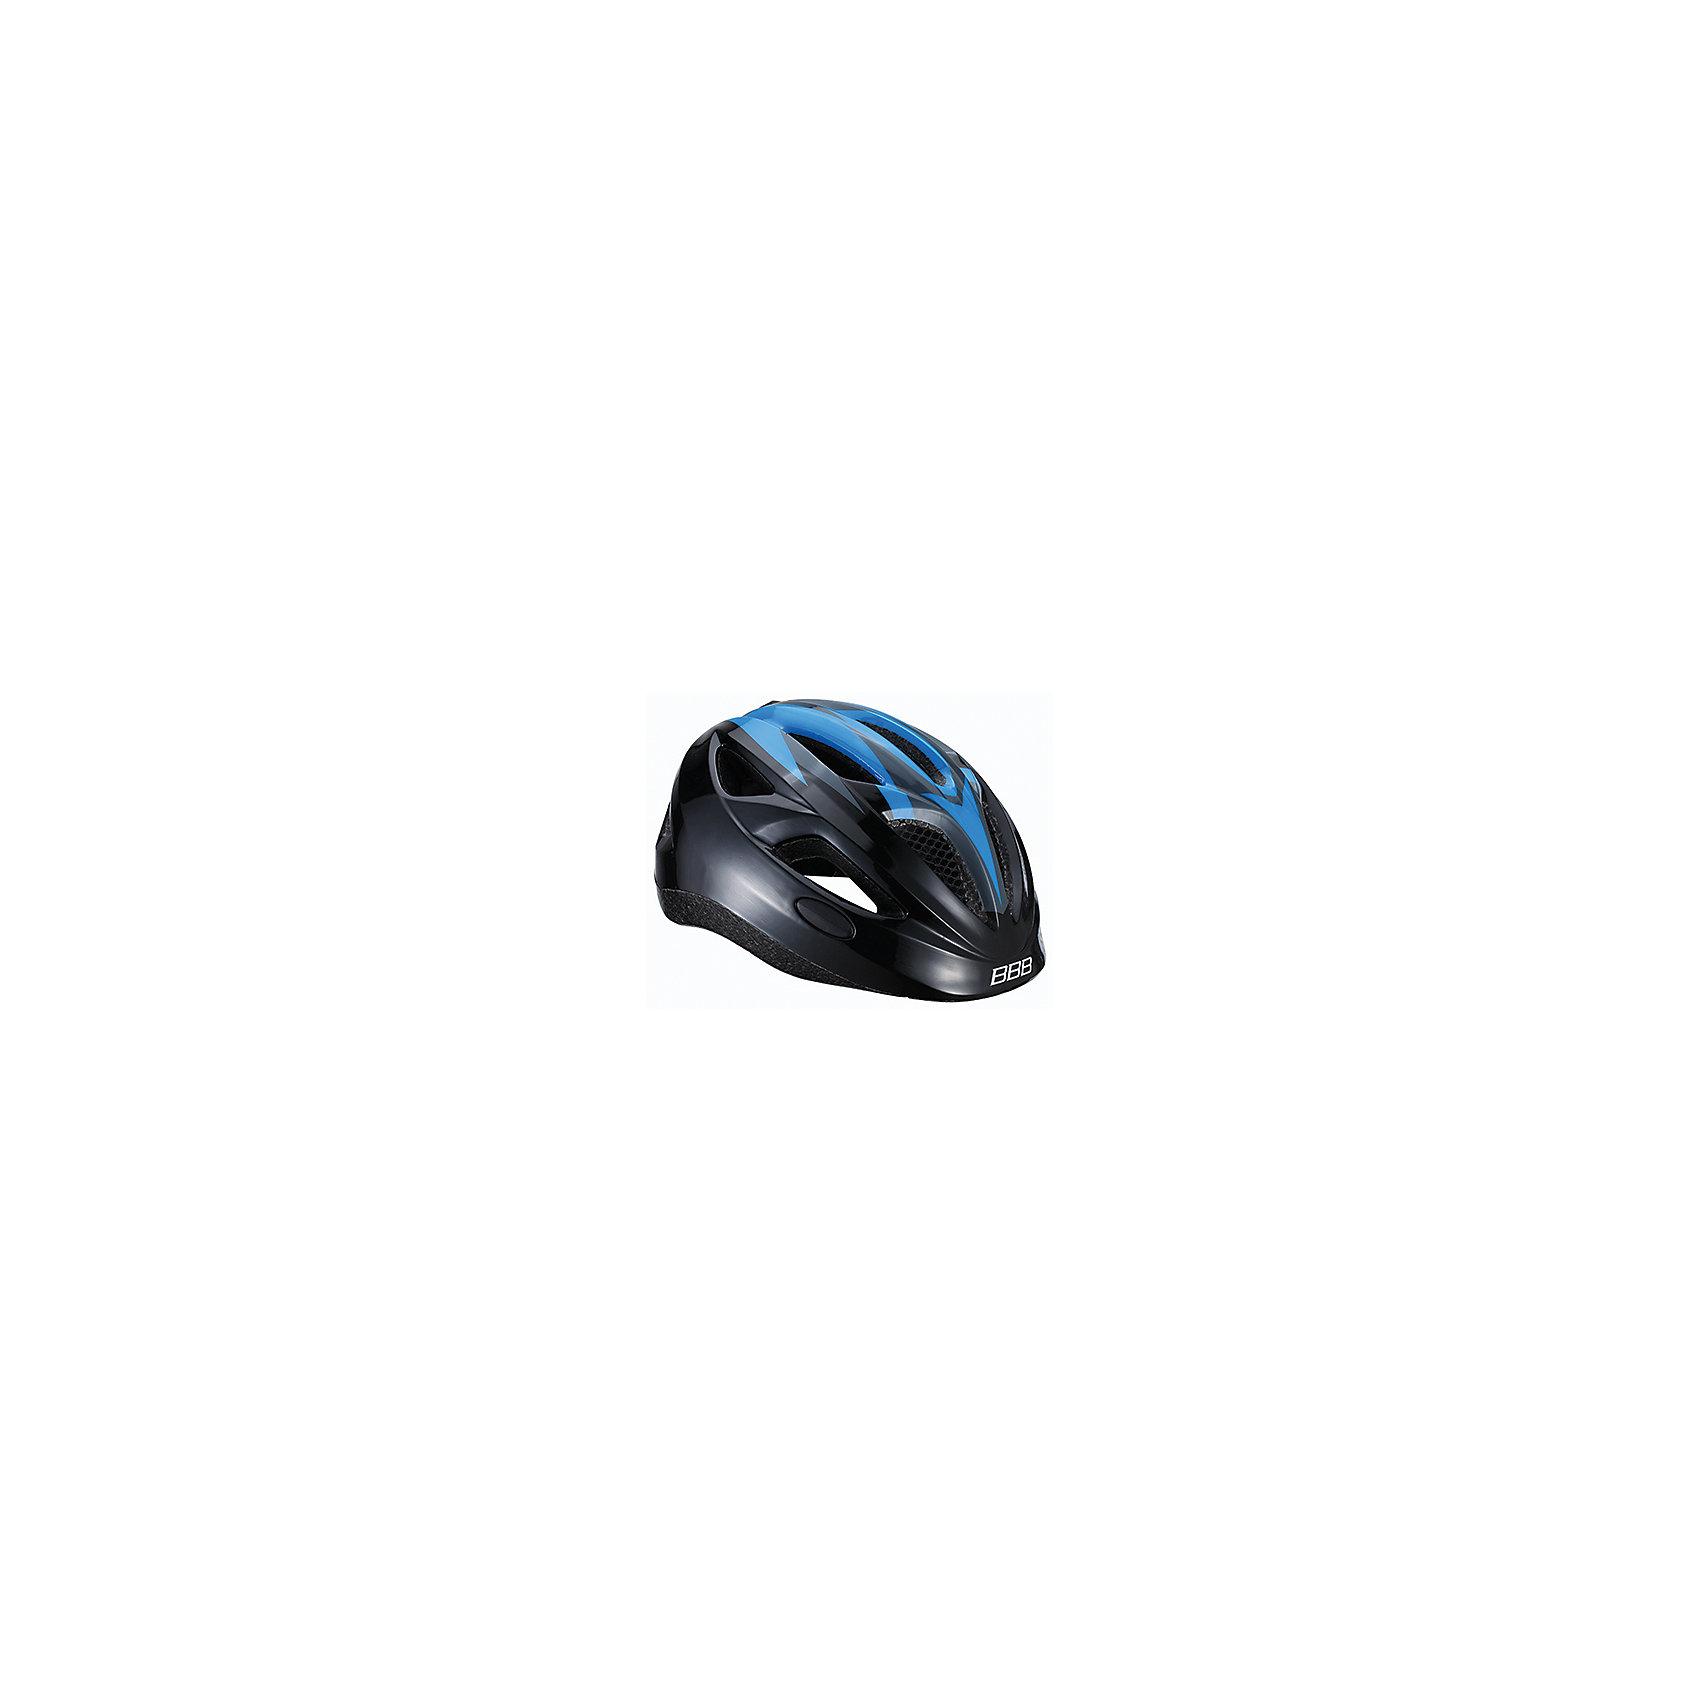 Летний шлем Hero синий, BBBЗащита, шлемы<br>Характеристики товара:<br><br>• 11 вентиляционных отверстий<br>• задние вентиляционные отверстия<br>• сетка - защищает от насекомых<br>• регулируемые ремни для совершенной и удобной посадки<br>• легкая регулировка TwistClose системы, можно регулировать одной рукой <br>• моющиеся антибактериальные накладки<br>• светоотражающие наклейки сзади<br>• страна производства: Тайвань<br><br>Безопасность превыше всего - девиз Hero. Активный отдых на свежем воздухе - лучшее времяпрепровождение летом. Неважно, что выбрал ребенок: самокат, беговел или велосипед,  в любом случае, шлем необходим по правилам техники безопасности.<br><br>Летний шлем Hero синий можно купить в нашем интернет-магазине.<br><br>Ширина мм: 270<br>Глубина мм: 240<br>Высота мм: 180<br>Вес г: 500<br>Возраст от месяцев: 36<br>Возраст до месяцев: 144<br>Пол: Унисекс<br>Возраст: Детский<br>SKU: 5569387